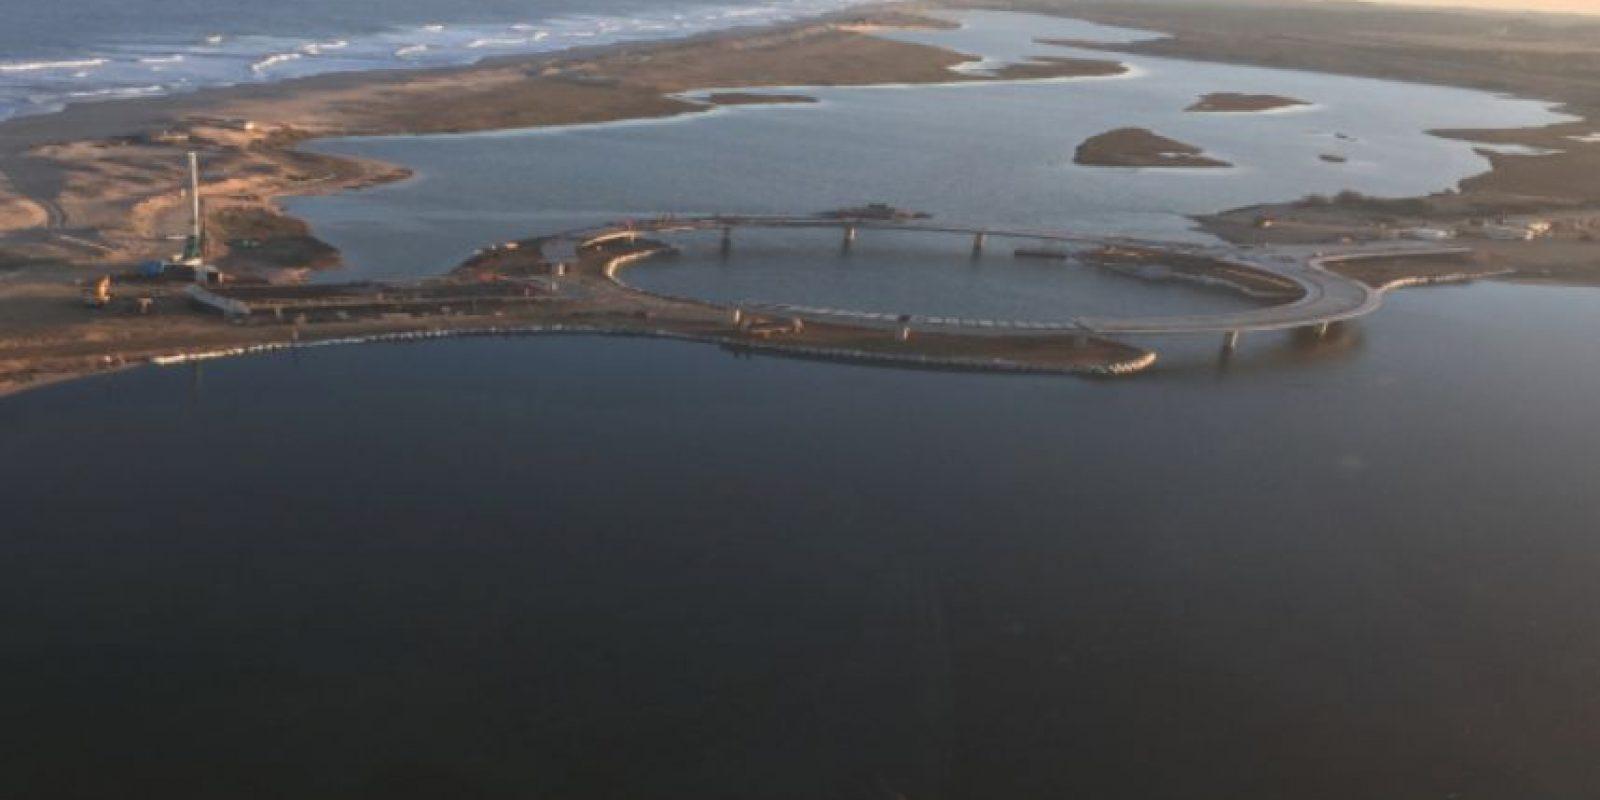 Se cree que esta construcción afectará el ecosistema de la Laguna Garzón esto debido a que se estima que por el puente pasarán unos mil vehículos por día. Foto:Vía rvapc.com/blog